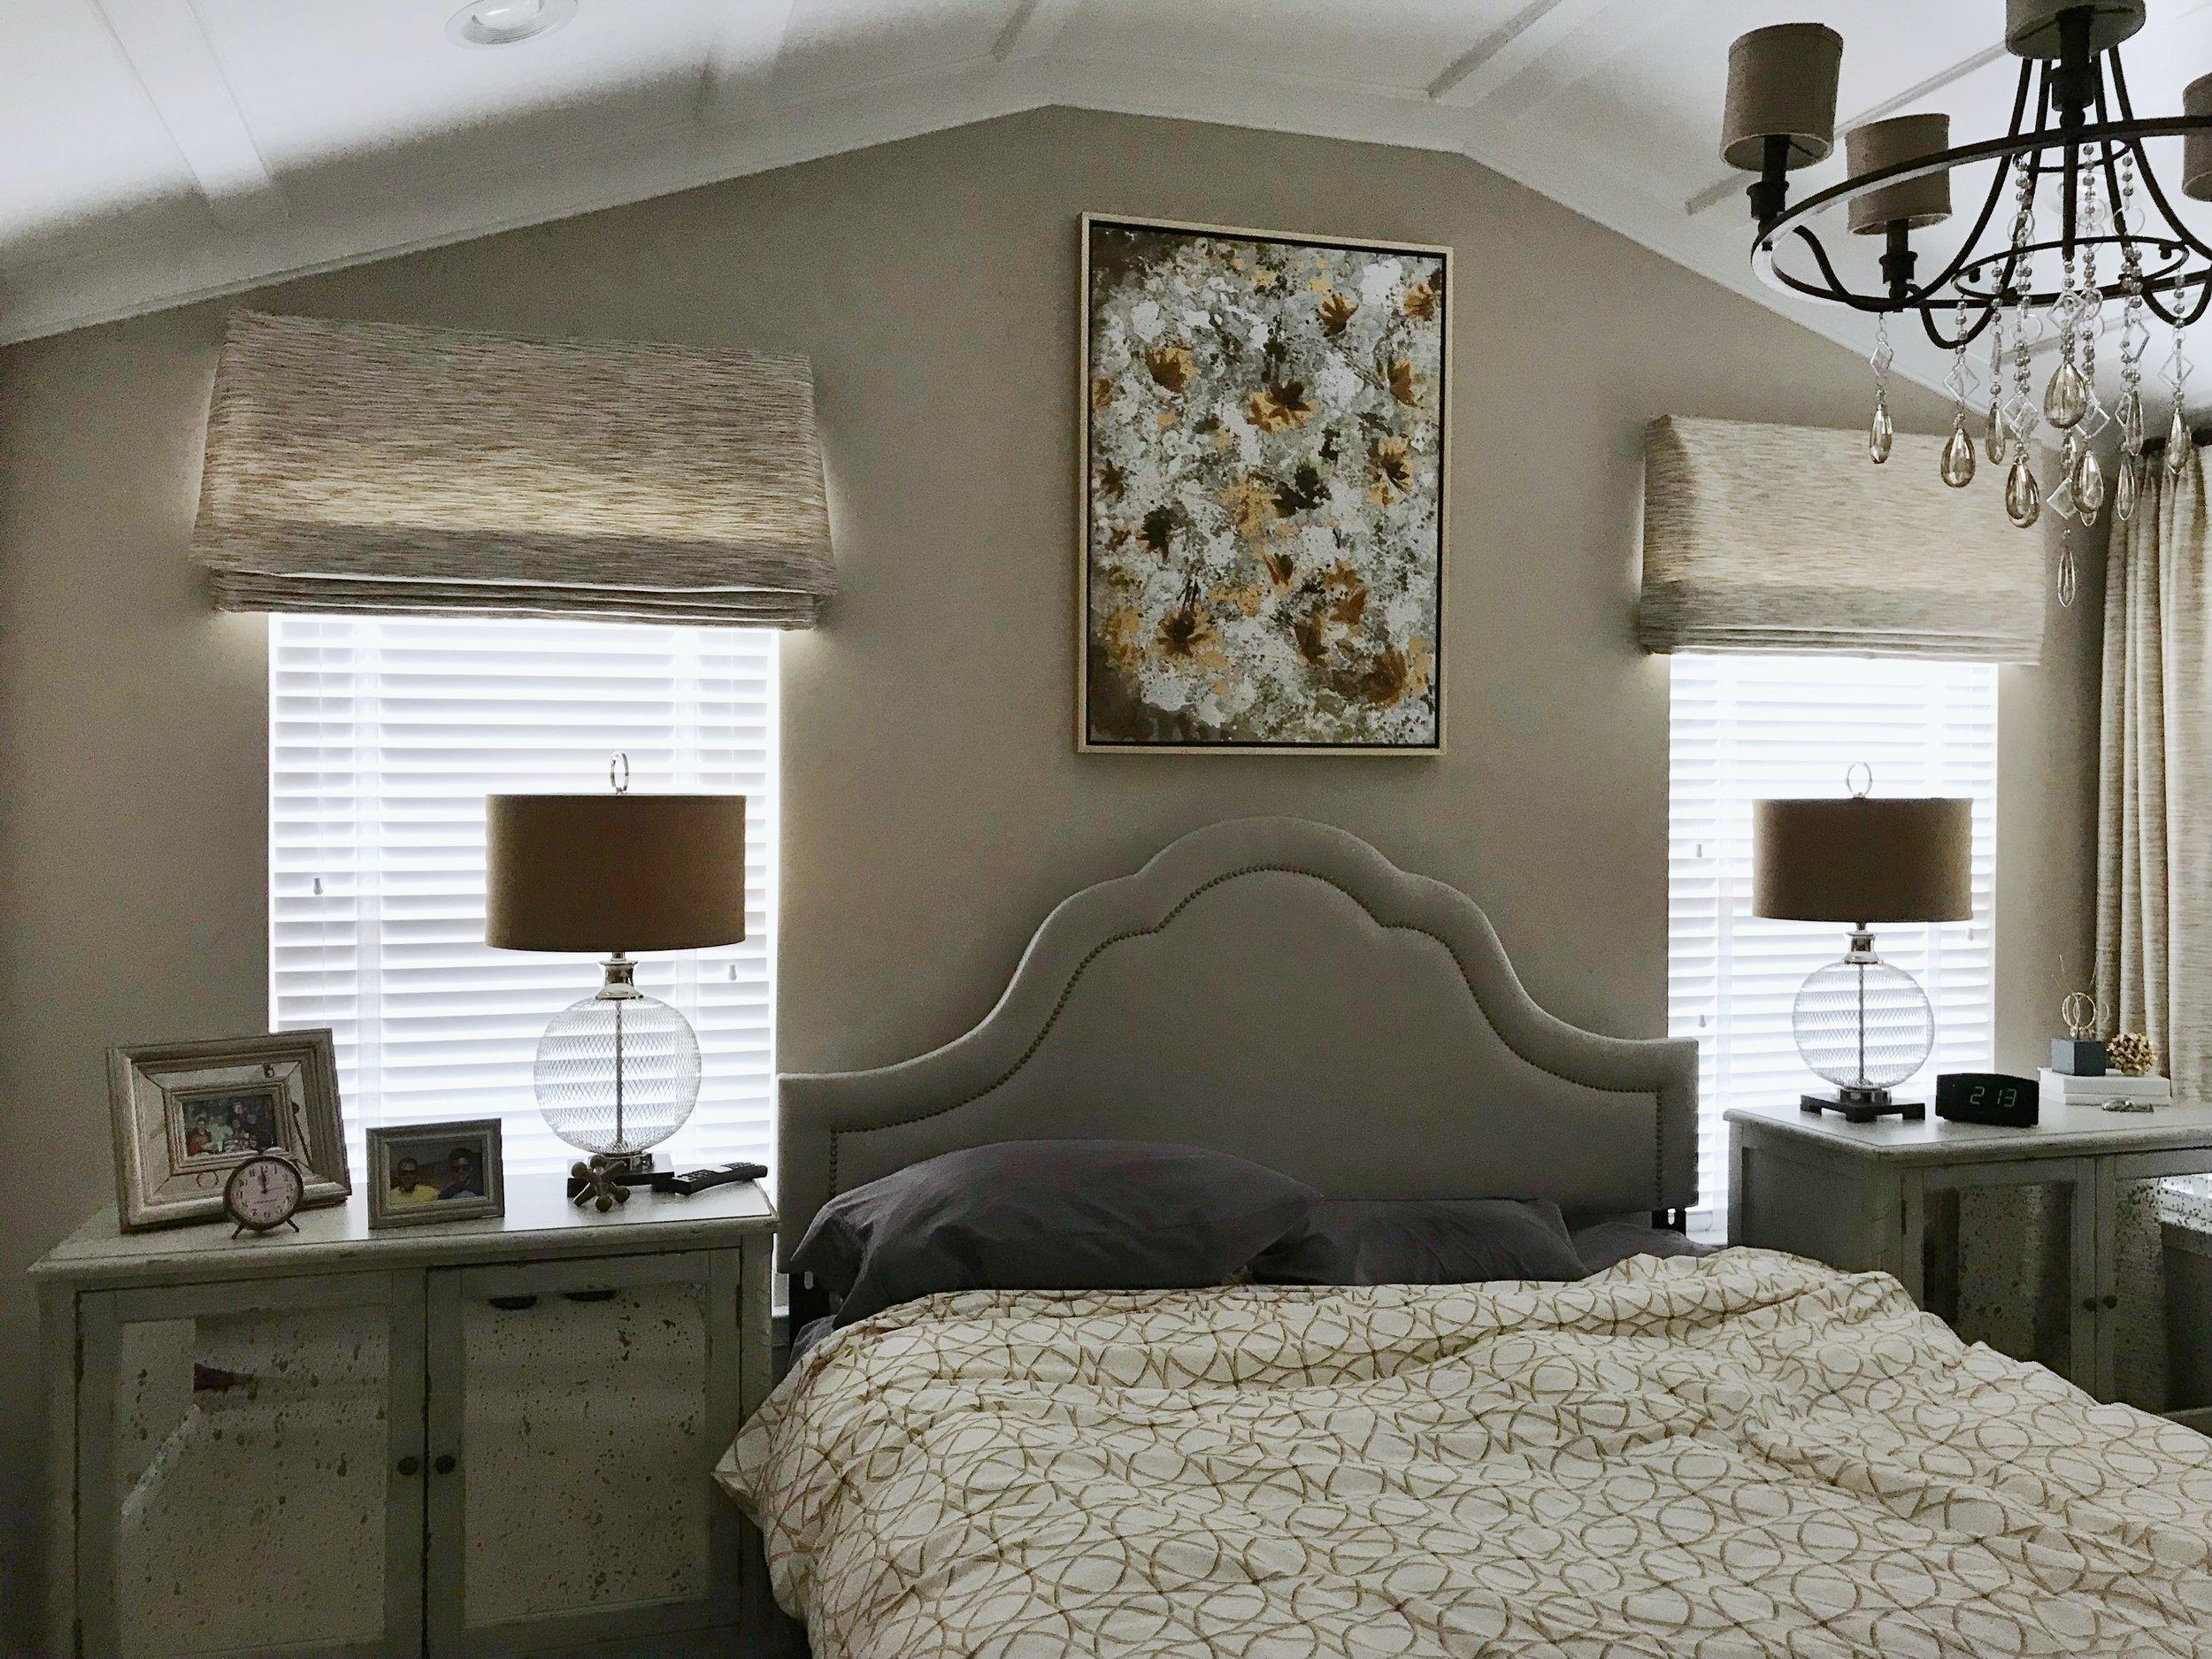 3rdGenBlinds custom window blinds in master bedroom